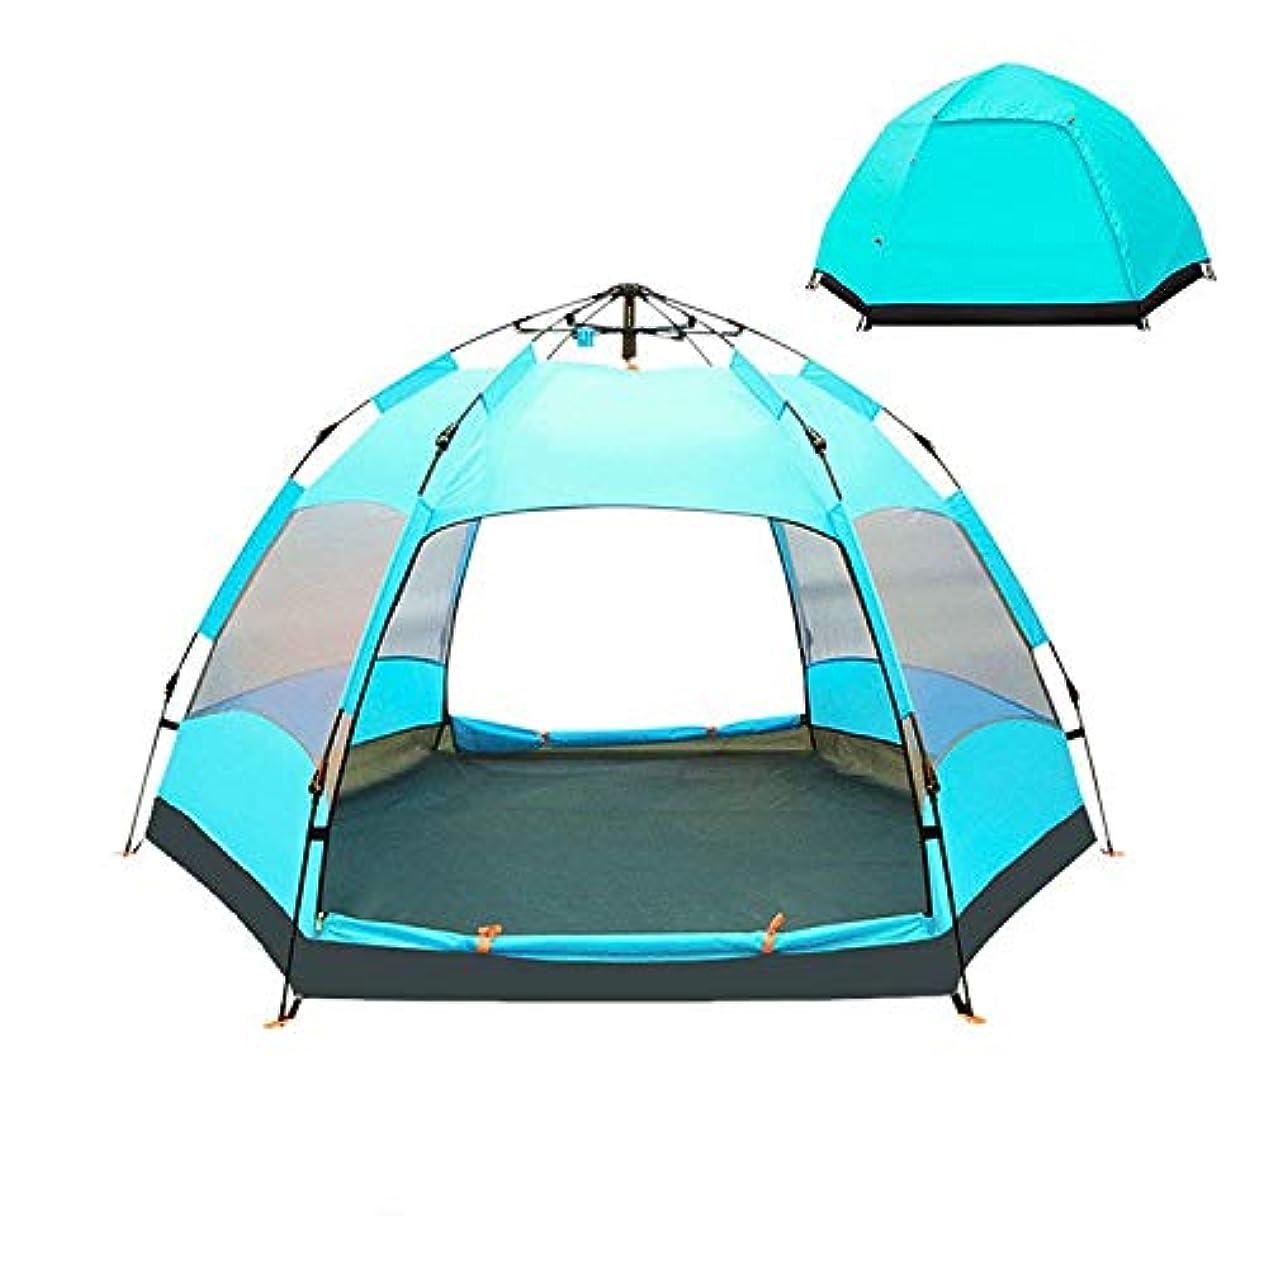 傘火山学木曜日自動テント屋外5-8人6-9人厚い防雨キャンプ屋外用品